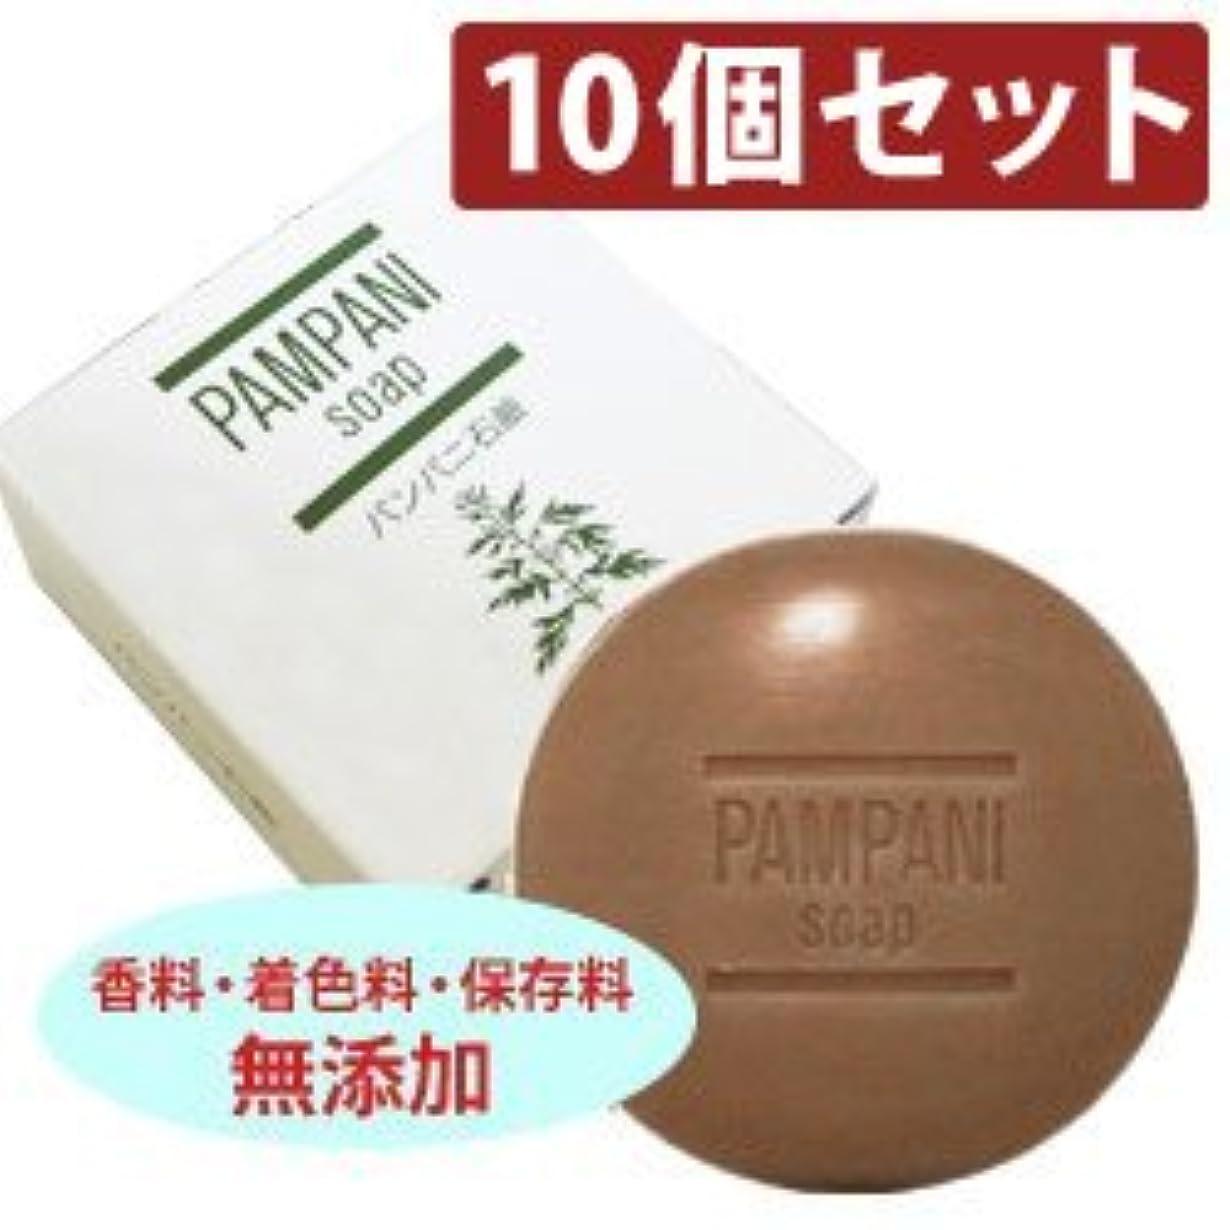 パンパニ 石鹸?90g 【10個セット】